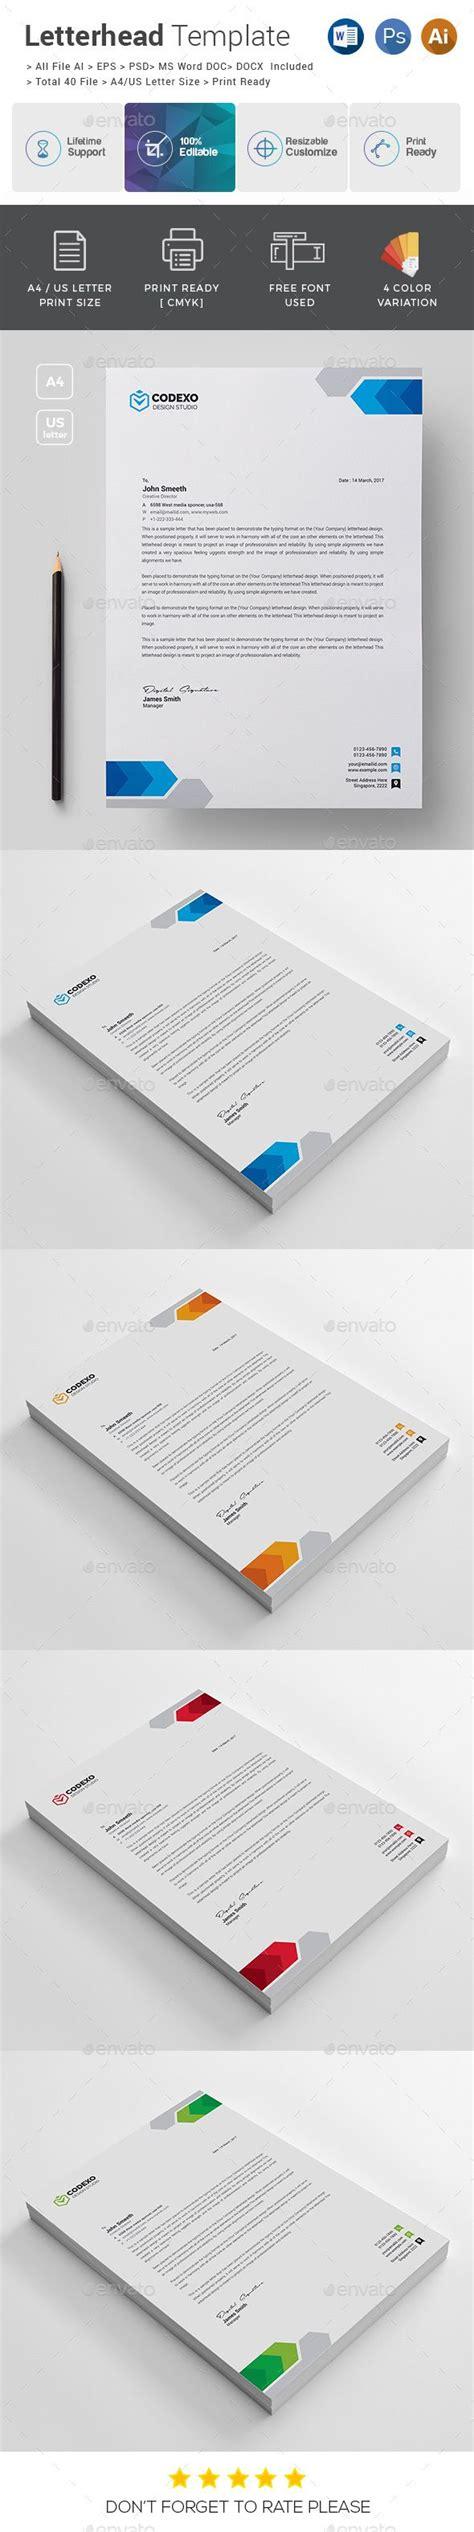 letterhead templates psd vector best 25 letterhead design ideas on letterhead